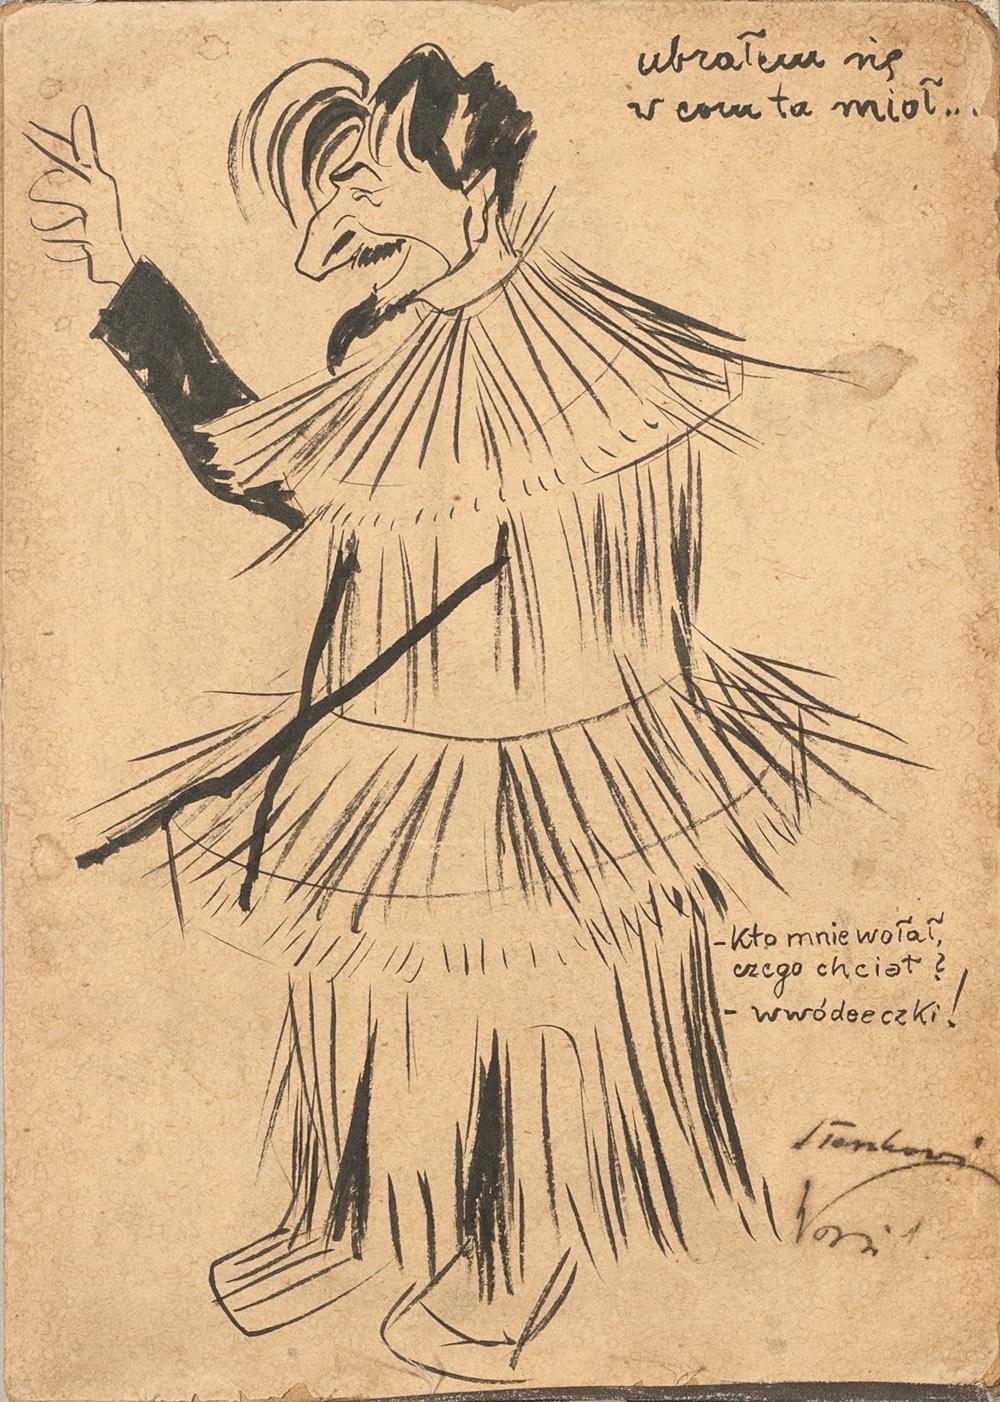 Ubrałem się w com ta mioł, ok. 1905 r.